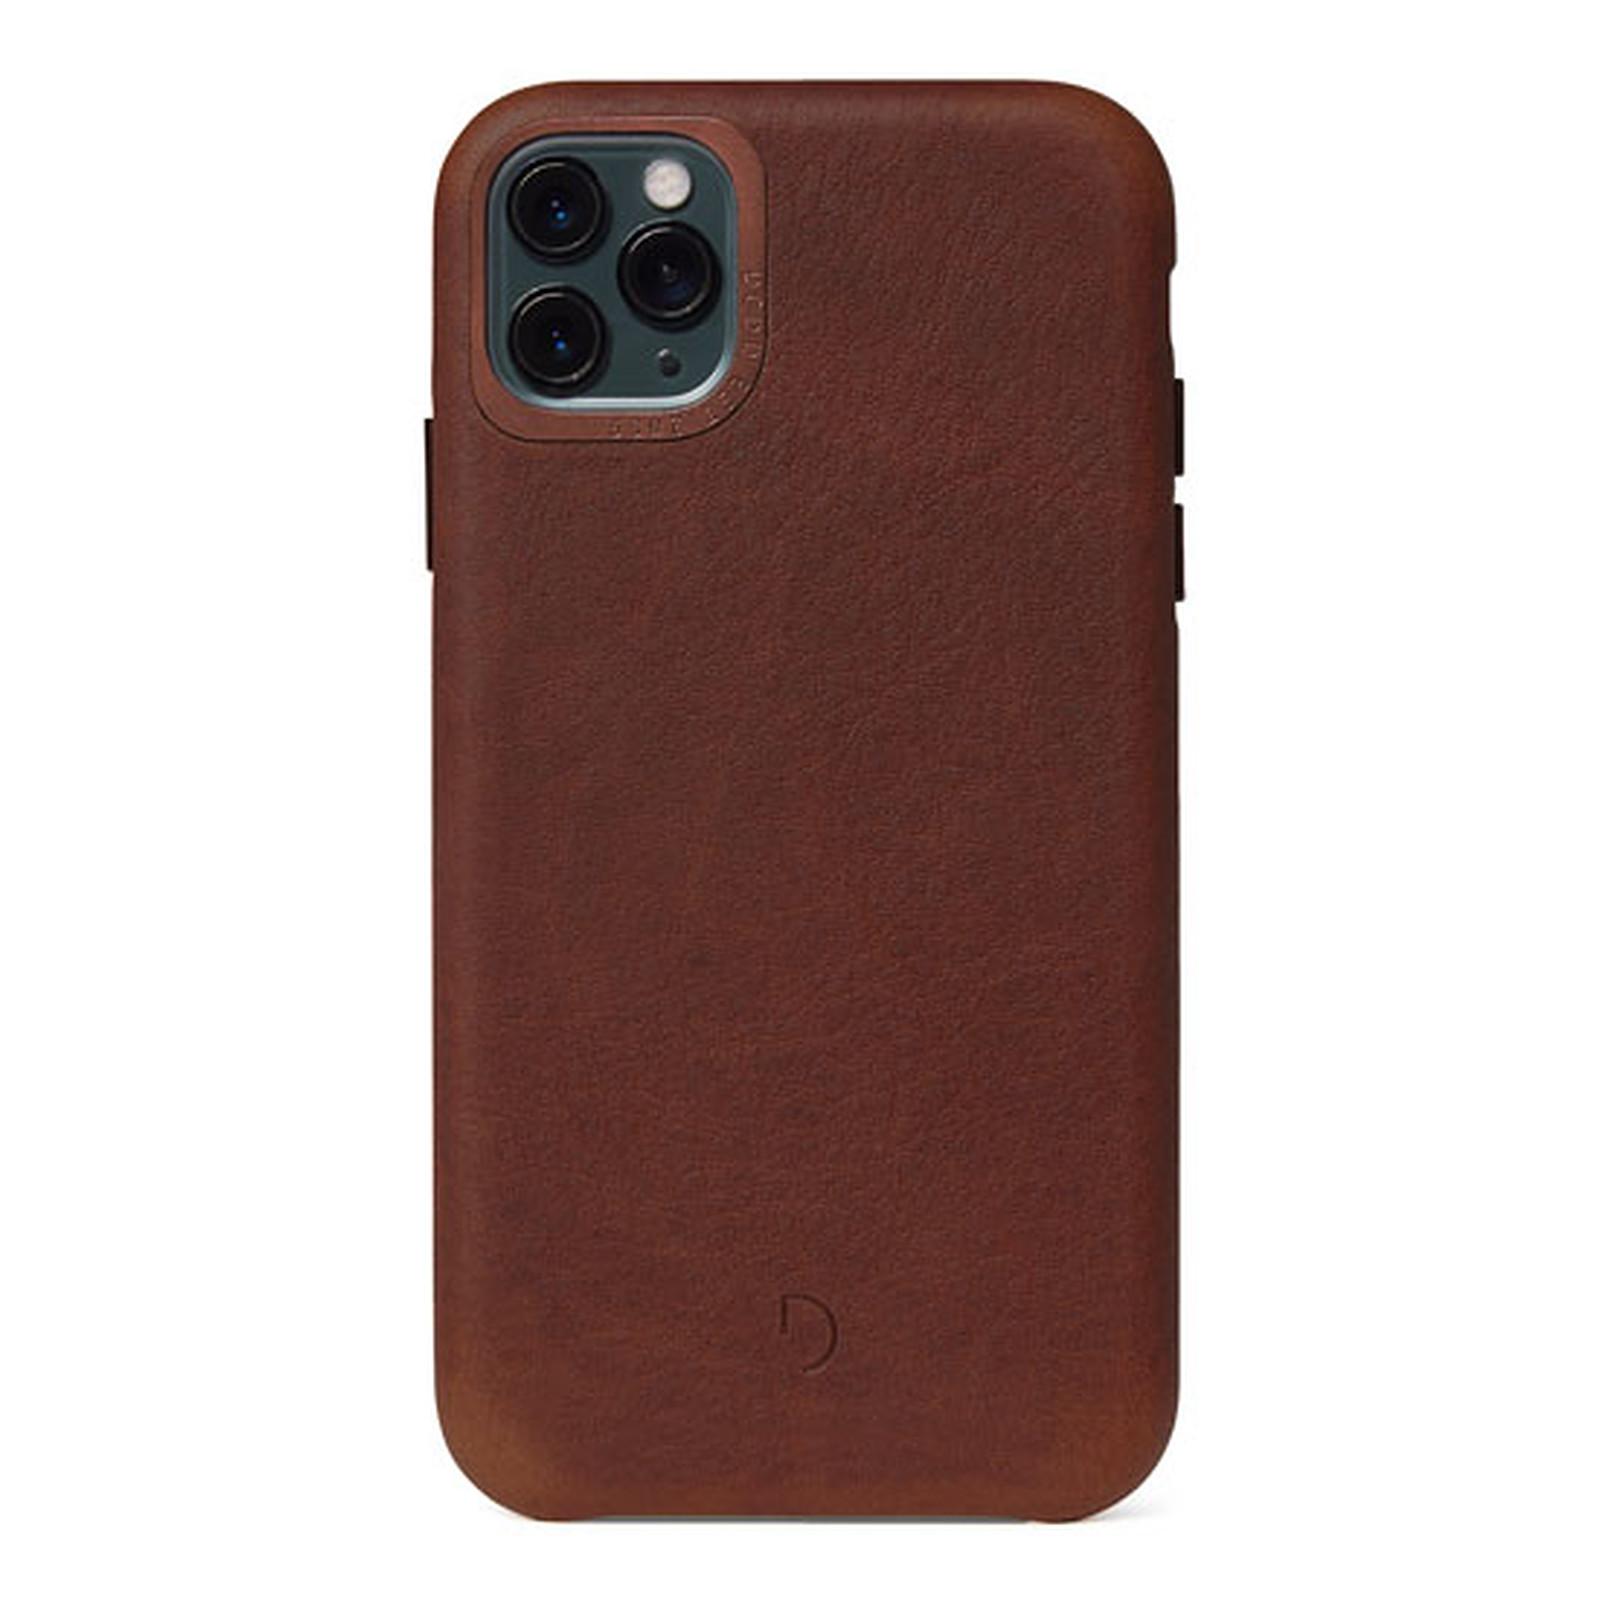 DECODED Coque en cuir iPhone 11 Pro Max Marron